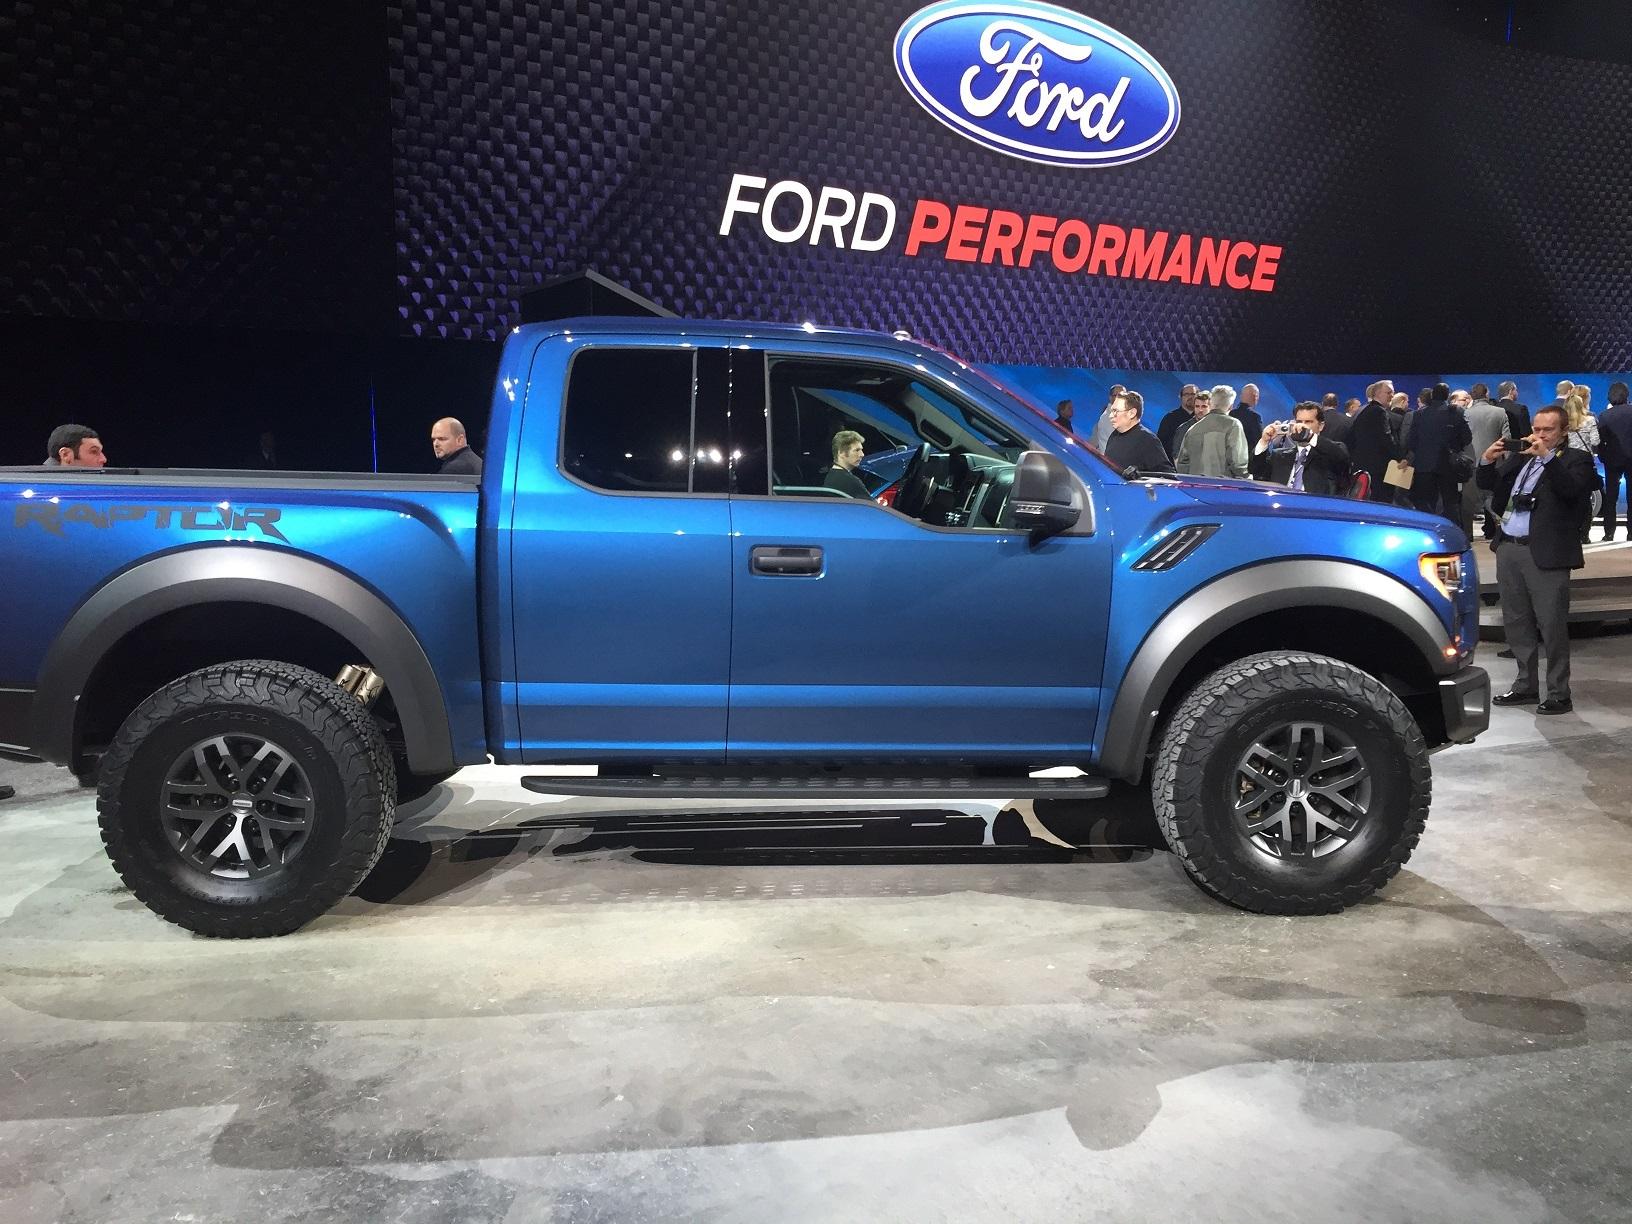 2017_Ford_F150_Raptor_DetroitAutoShow_1